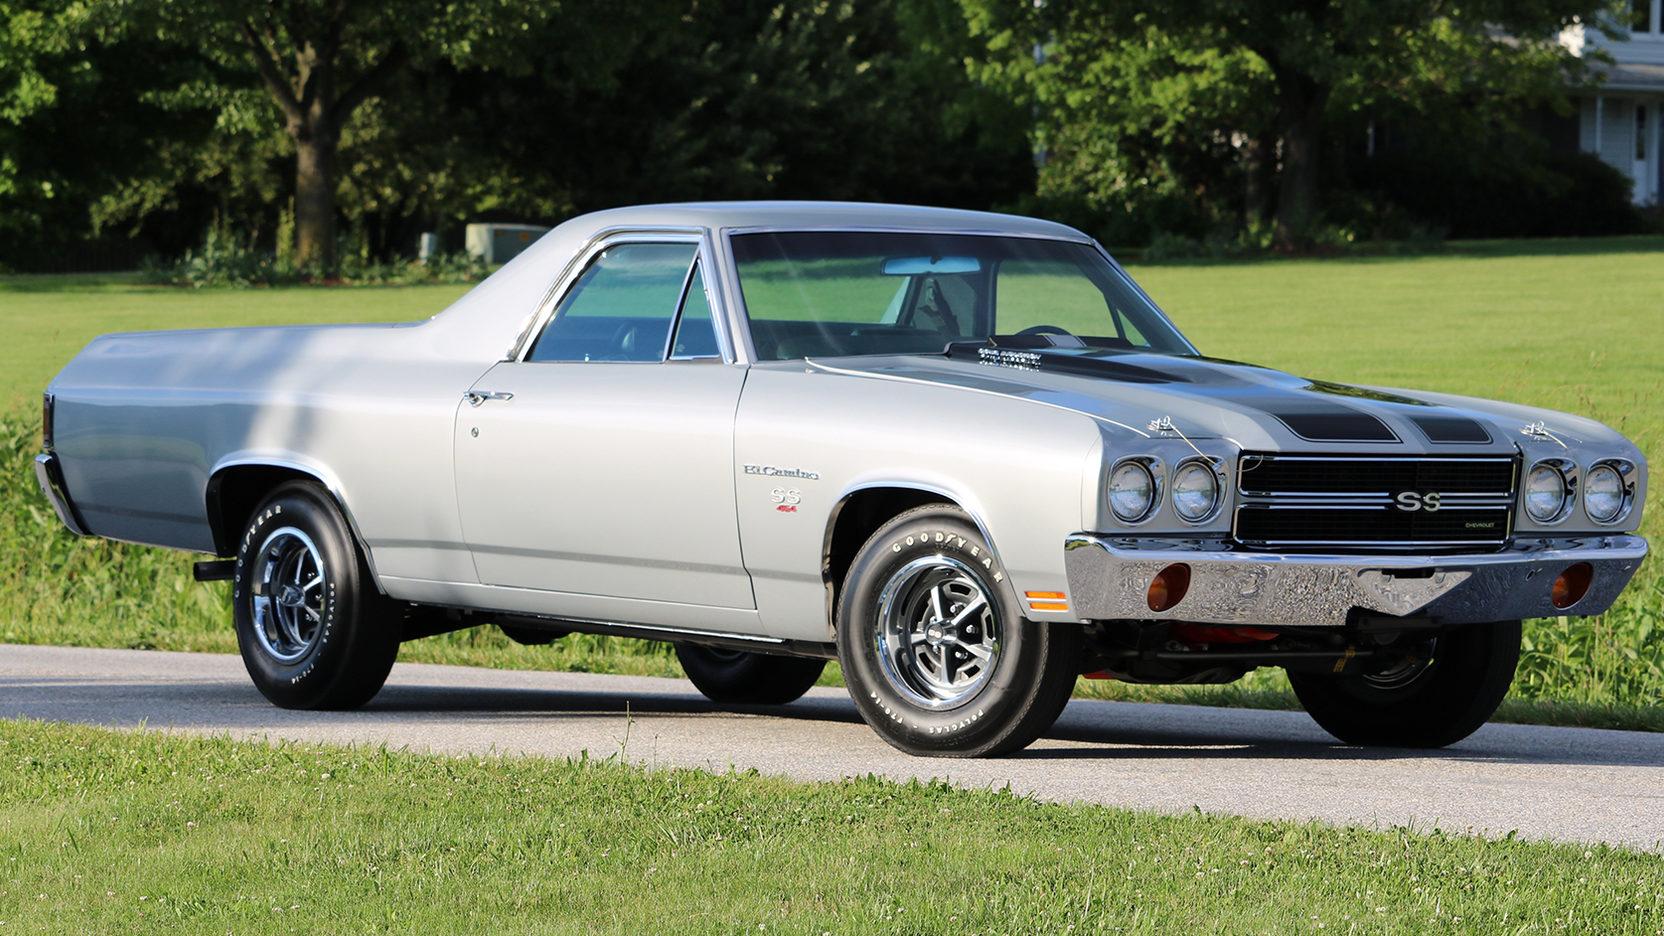 1970 Chevrolet El Camino 454 SS